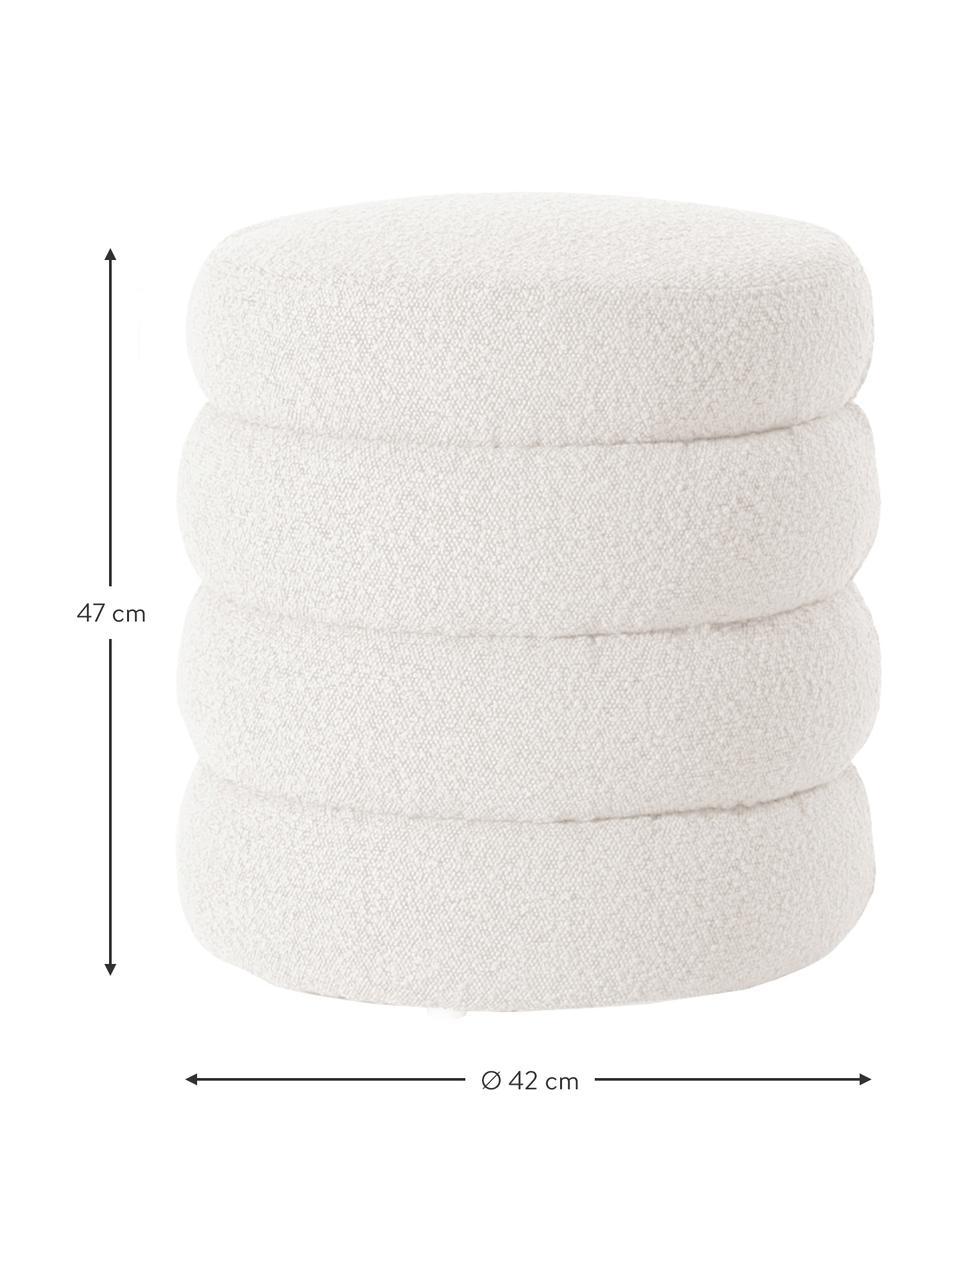 Bouclé poef Alto in crèmewit, Bekleding: bouclé (100% polyester), Frame: massief grenenhout, multi, Bouclé crèmewit, Ø 42  x H 47 cm